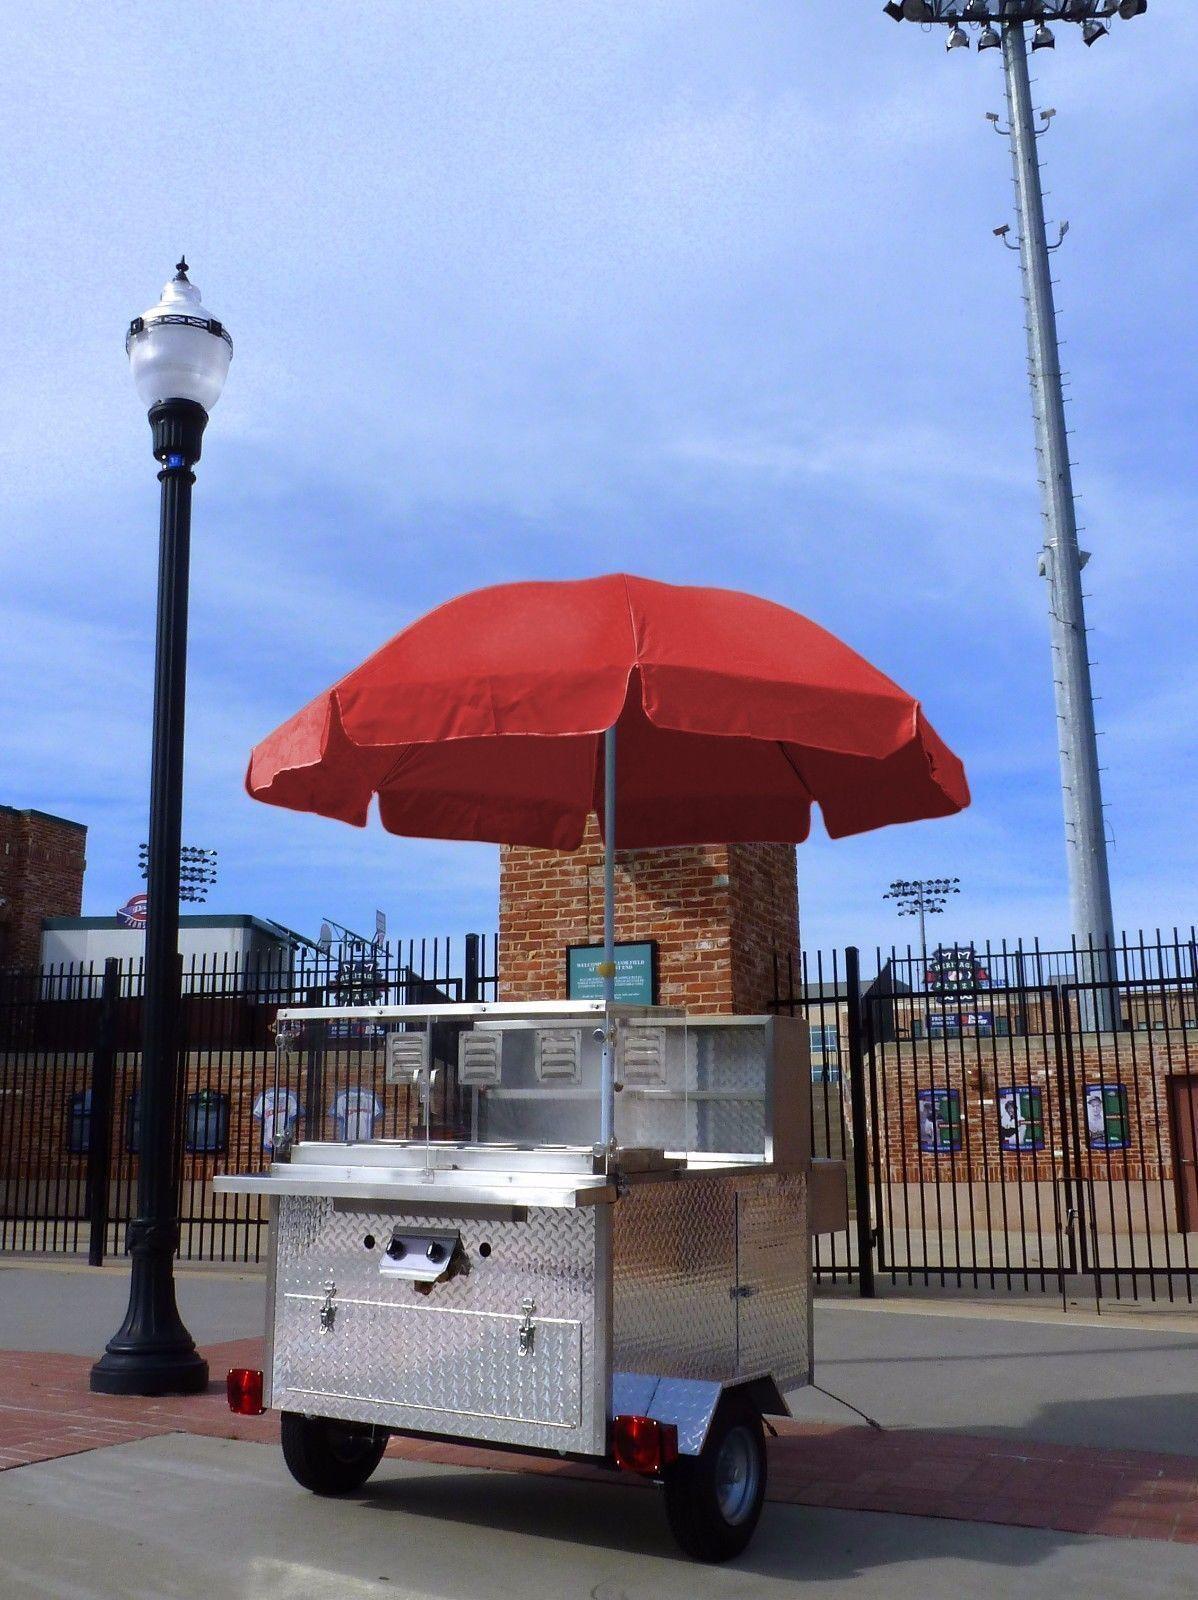 Mobile Hot Dog Cart Trailer Concession Food Vending Stand Kiosk Vendor Hotdog